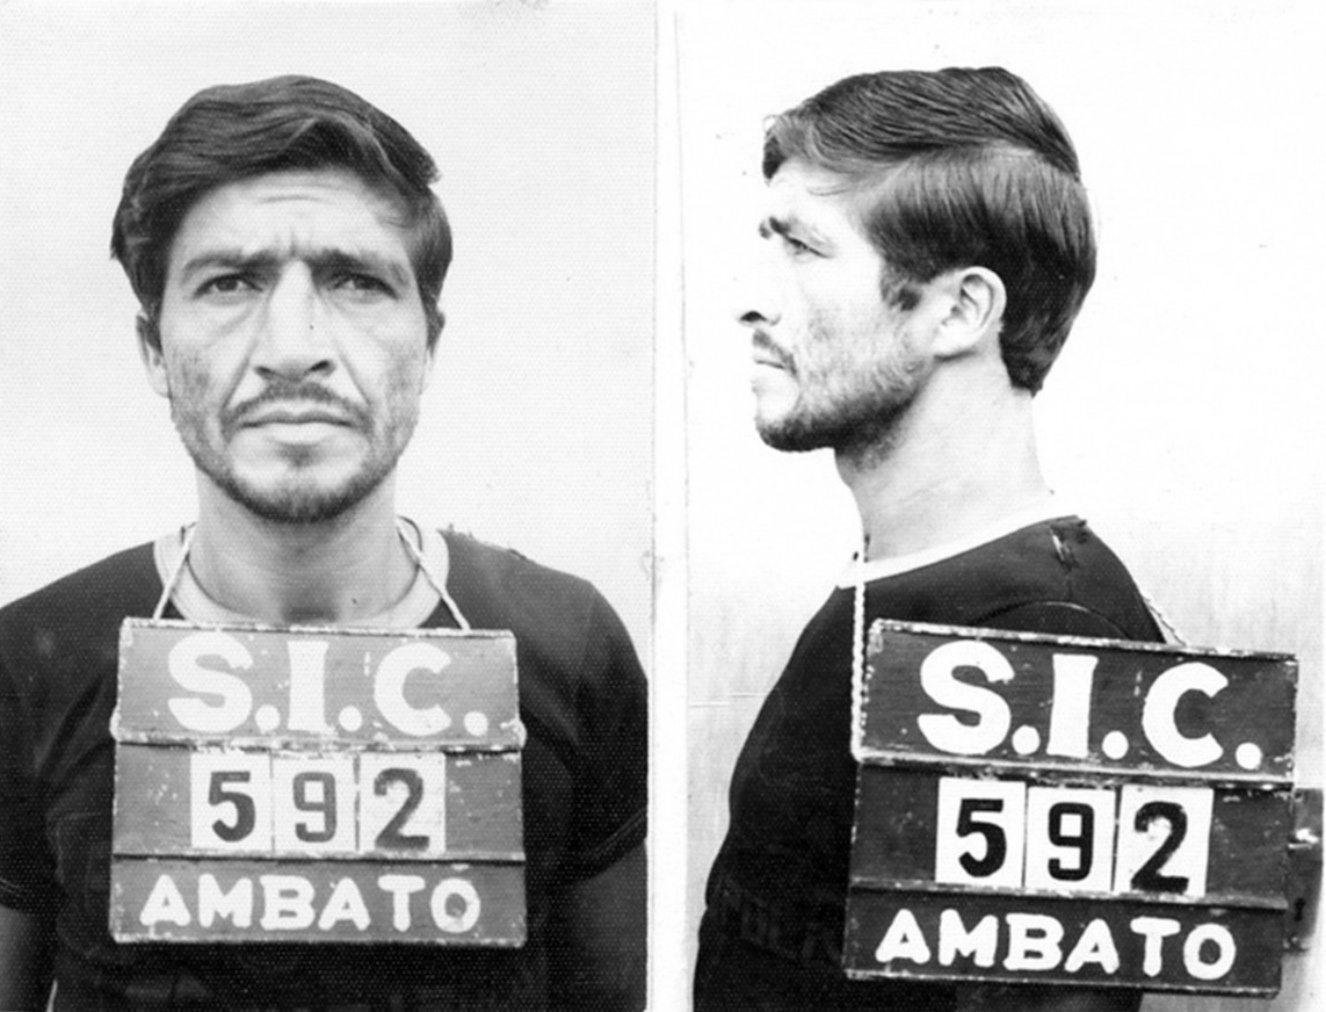 Pedro Alonso López